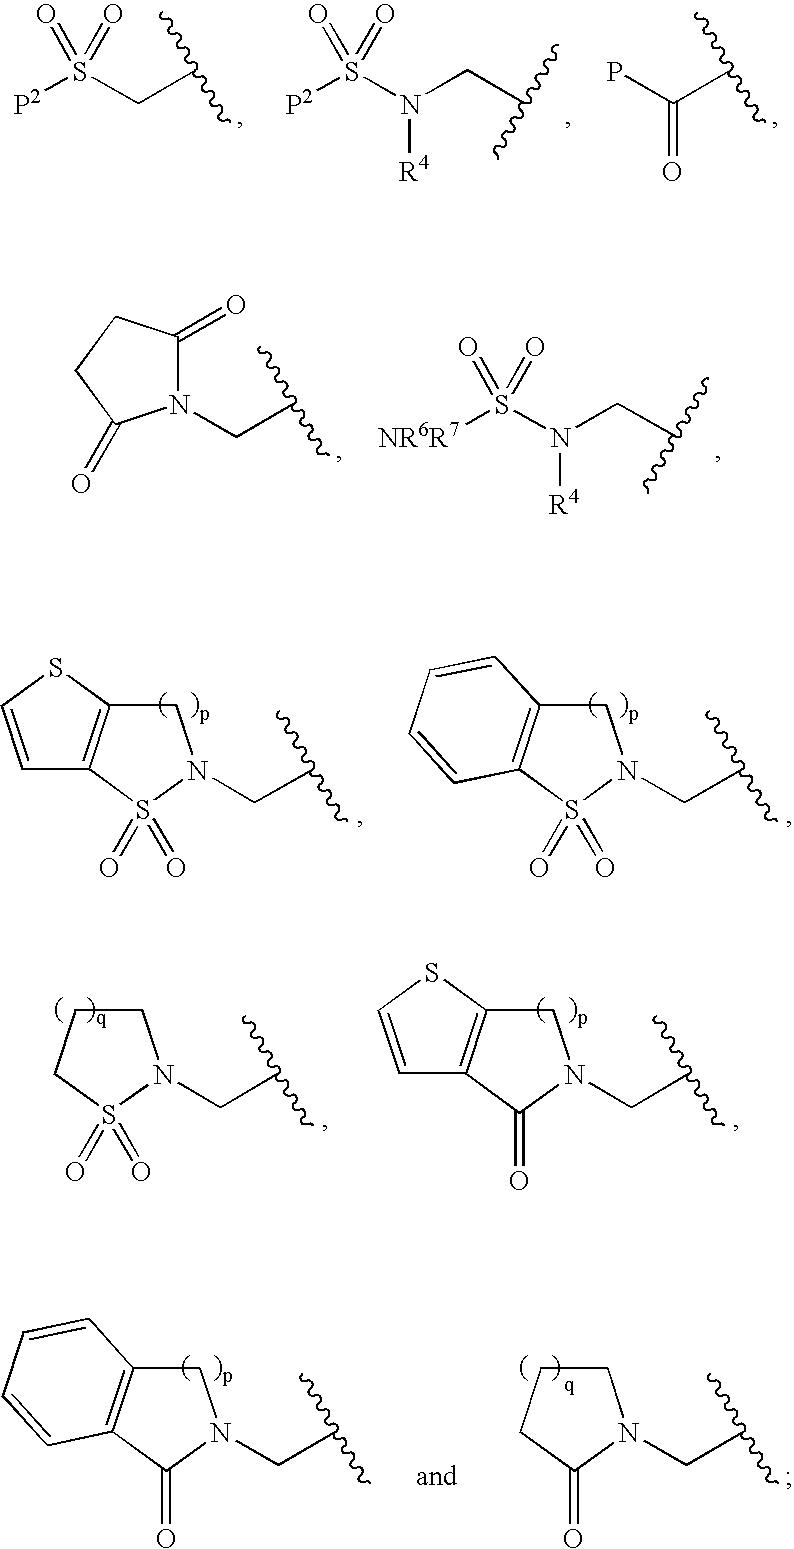 Figure US20060287248A1-20061221-C00025